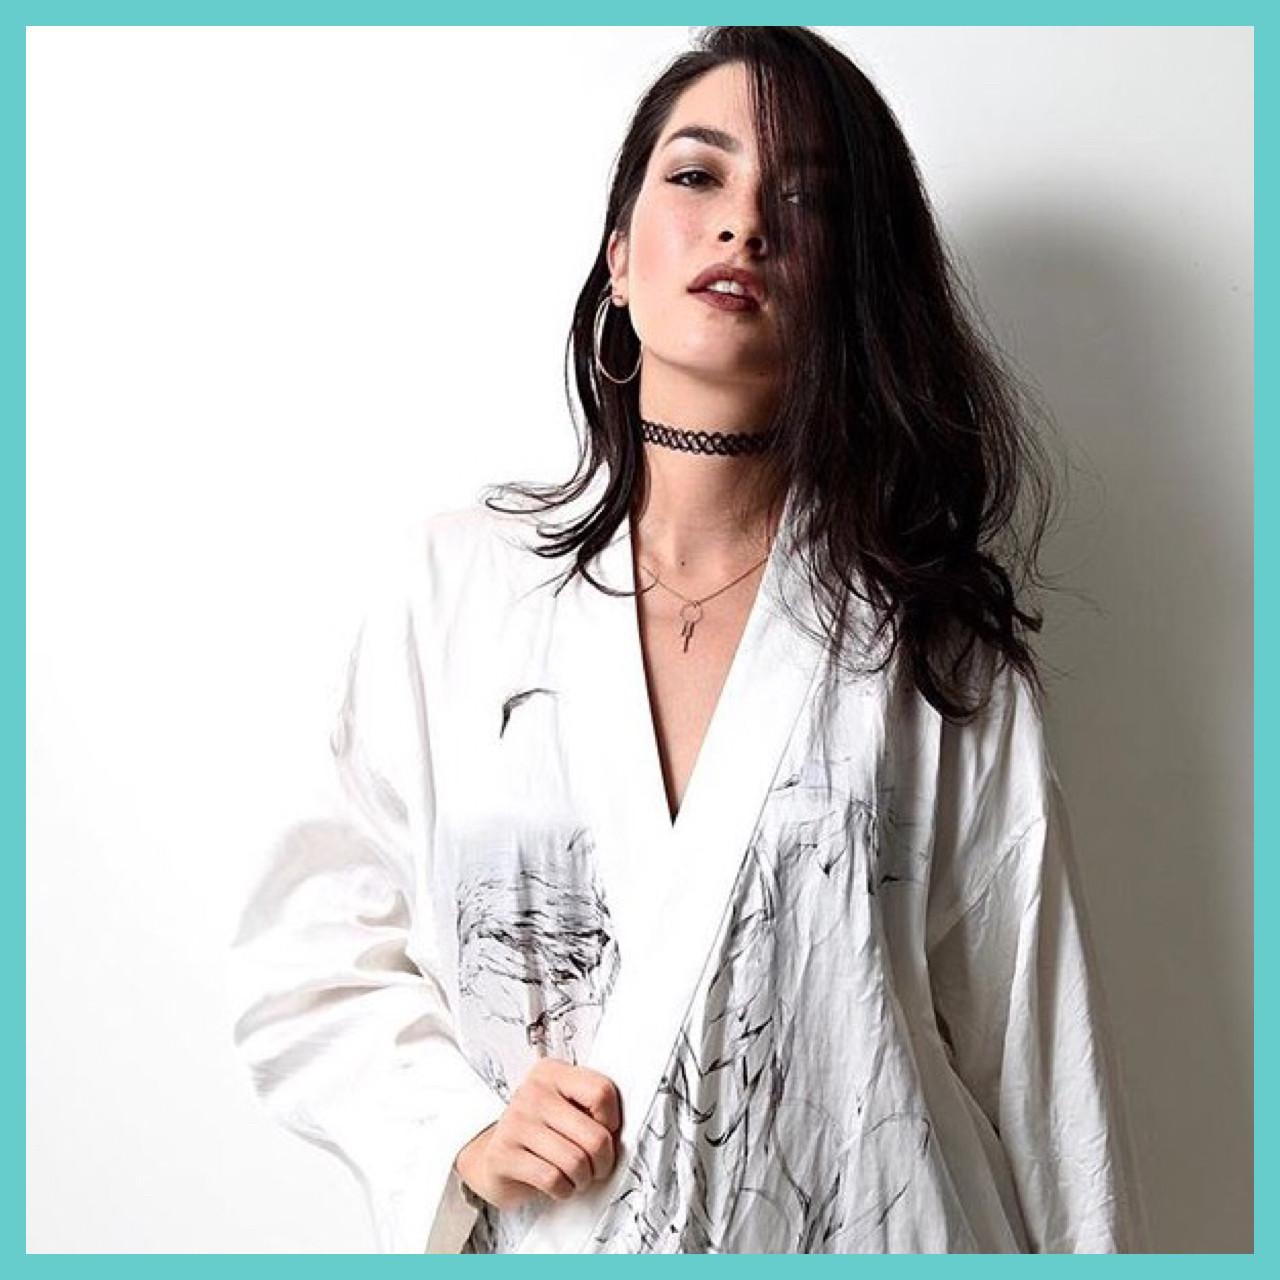 ロング 黒髪 エレガント 外国人風 ヘアスタイルや髪型の写真・画像